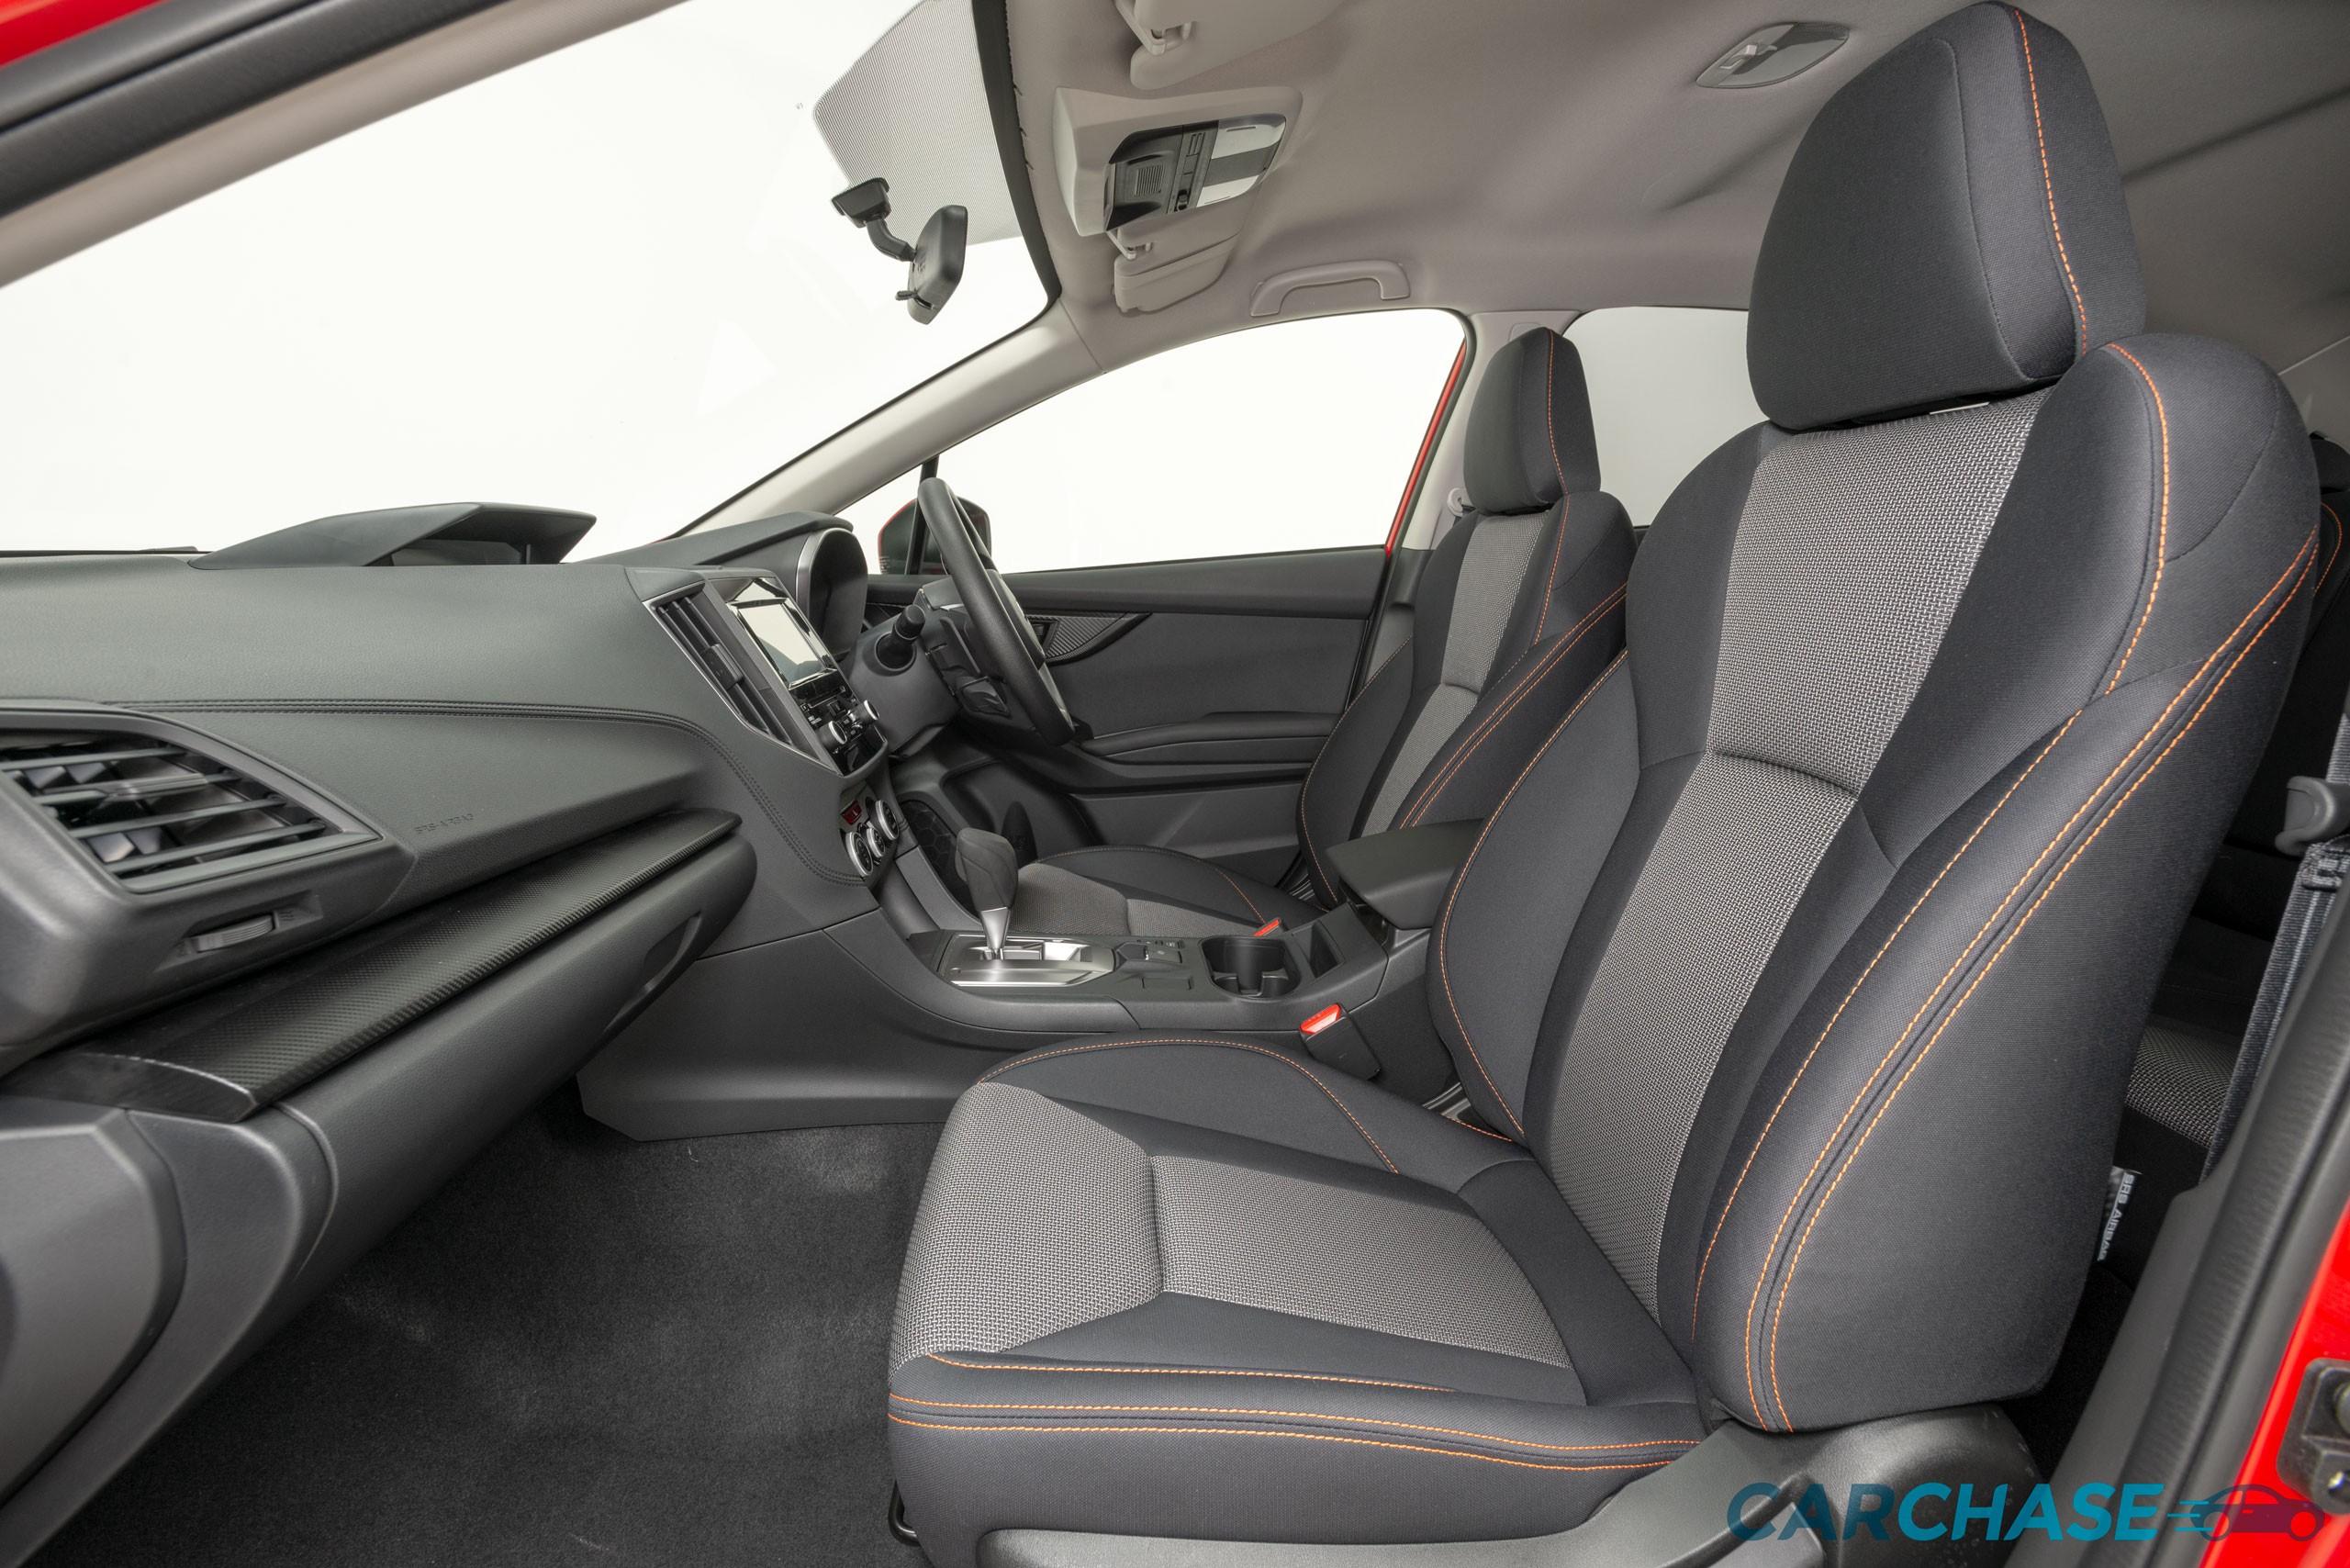 Image of passenger front profile of 2018 Subaru XV 2.0i